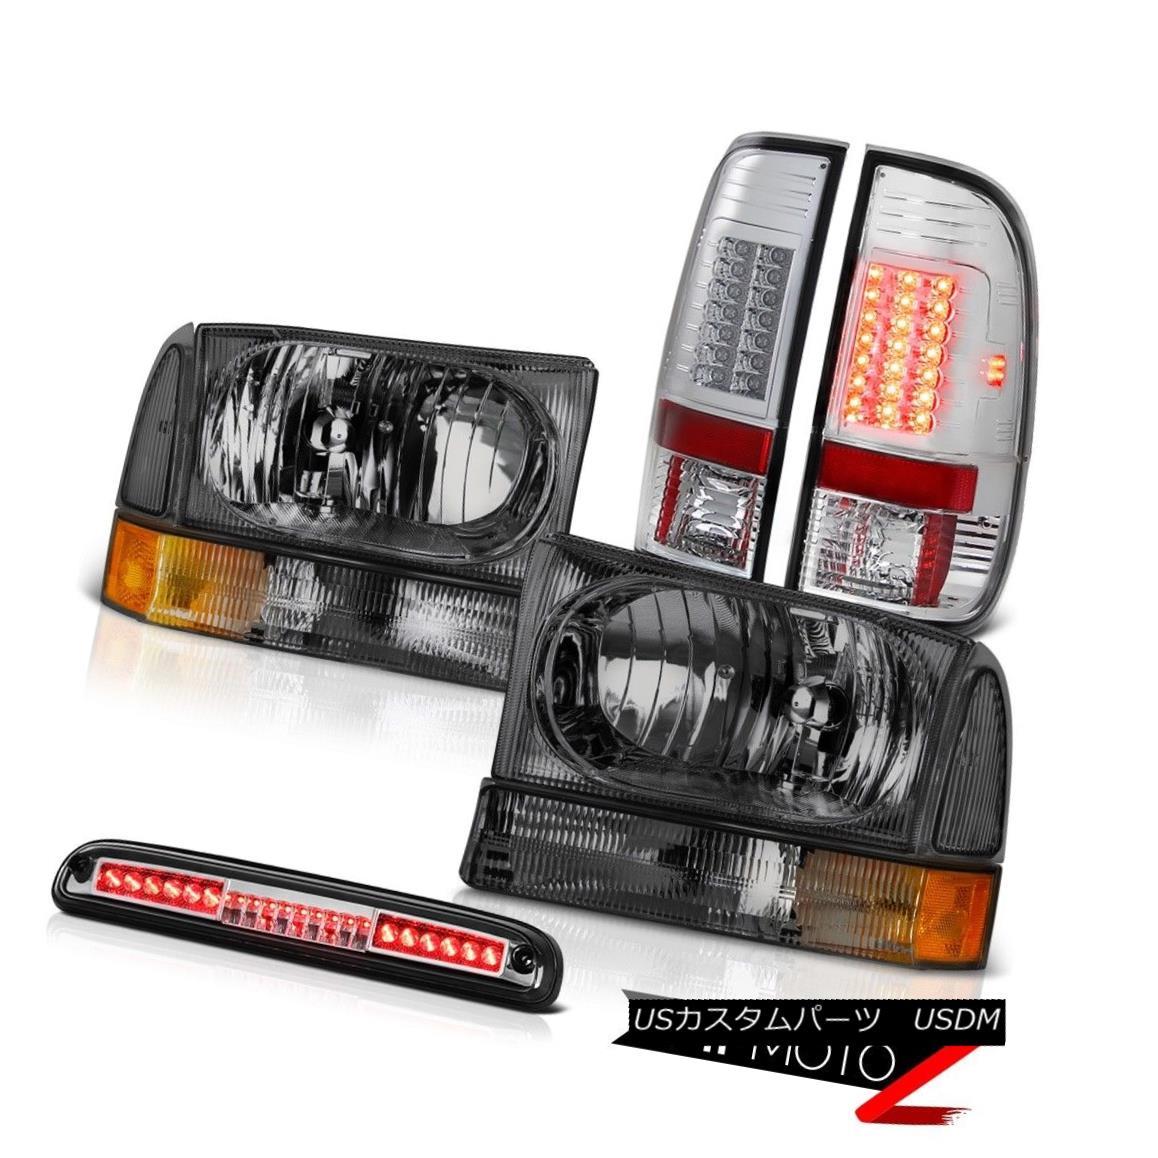 ヘッドライト Tinted Headlight L+R Euro LED Tail Light Third Brake 99 00 01 02 03 04 Ford F350 着色ヘッドライトL + RユーロLEDテールライト第3ブレーキ99 00 01 02 03 04 Ford F350